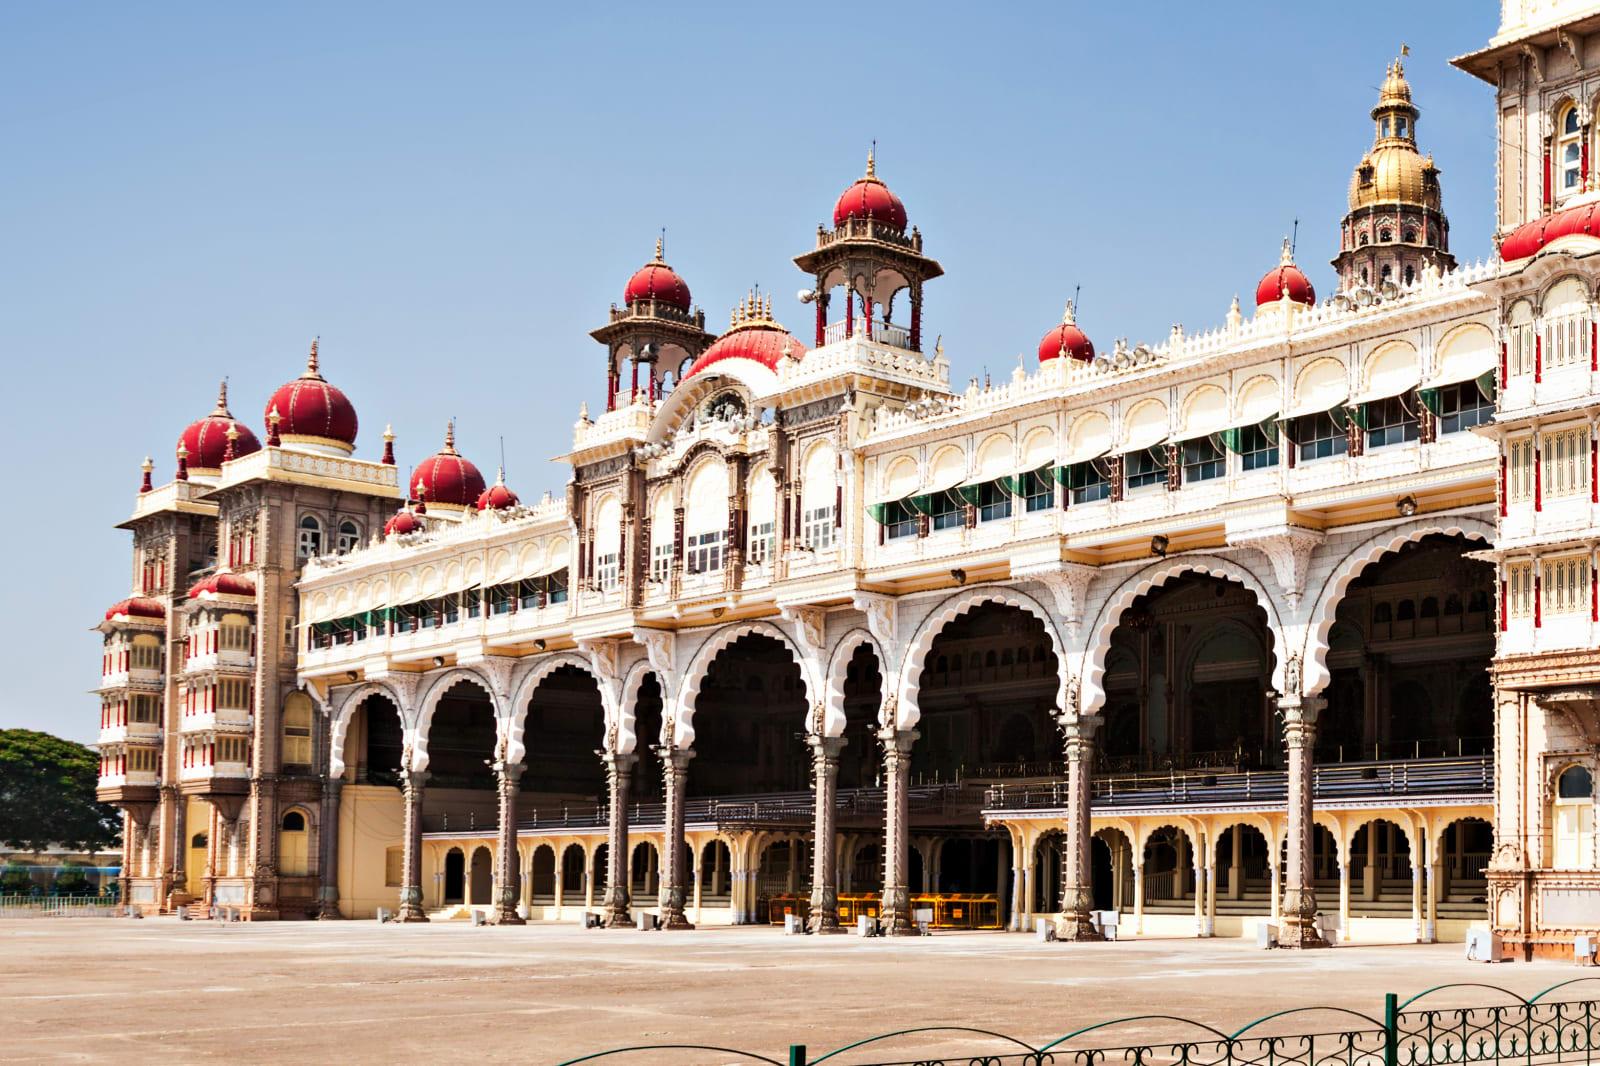 Amba Vilas Mysore Palace in Mysore, India